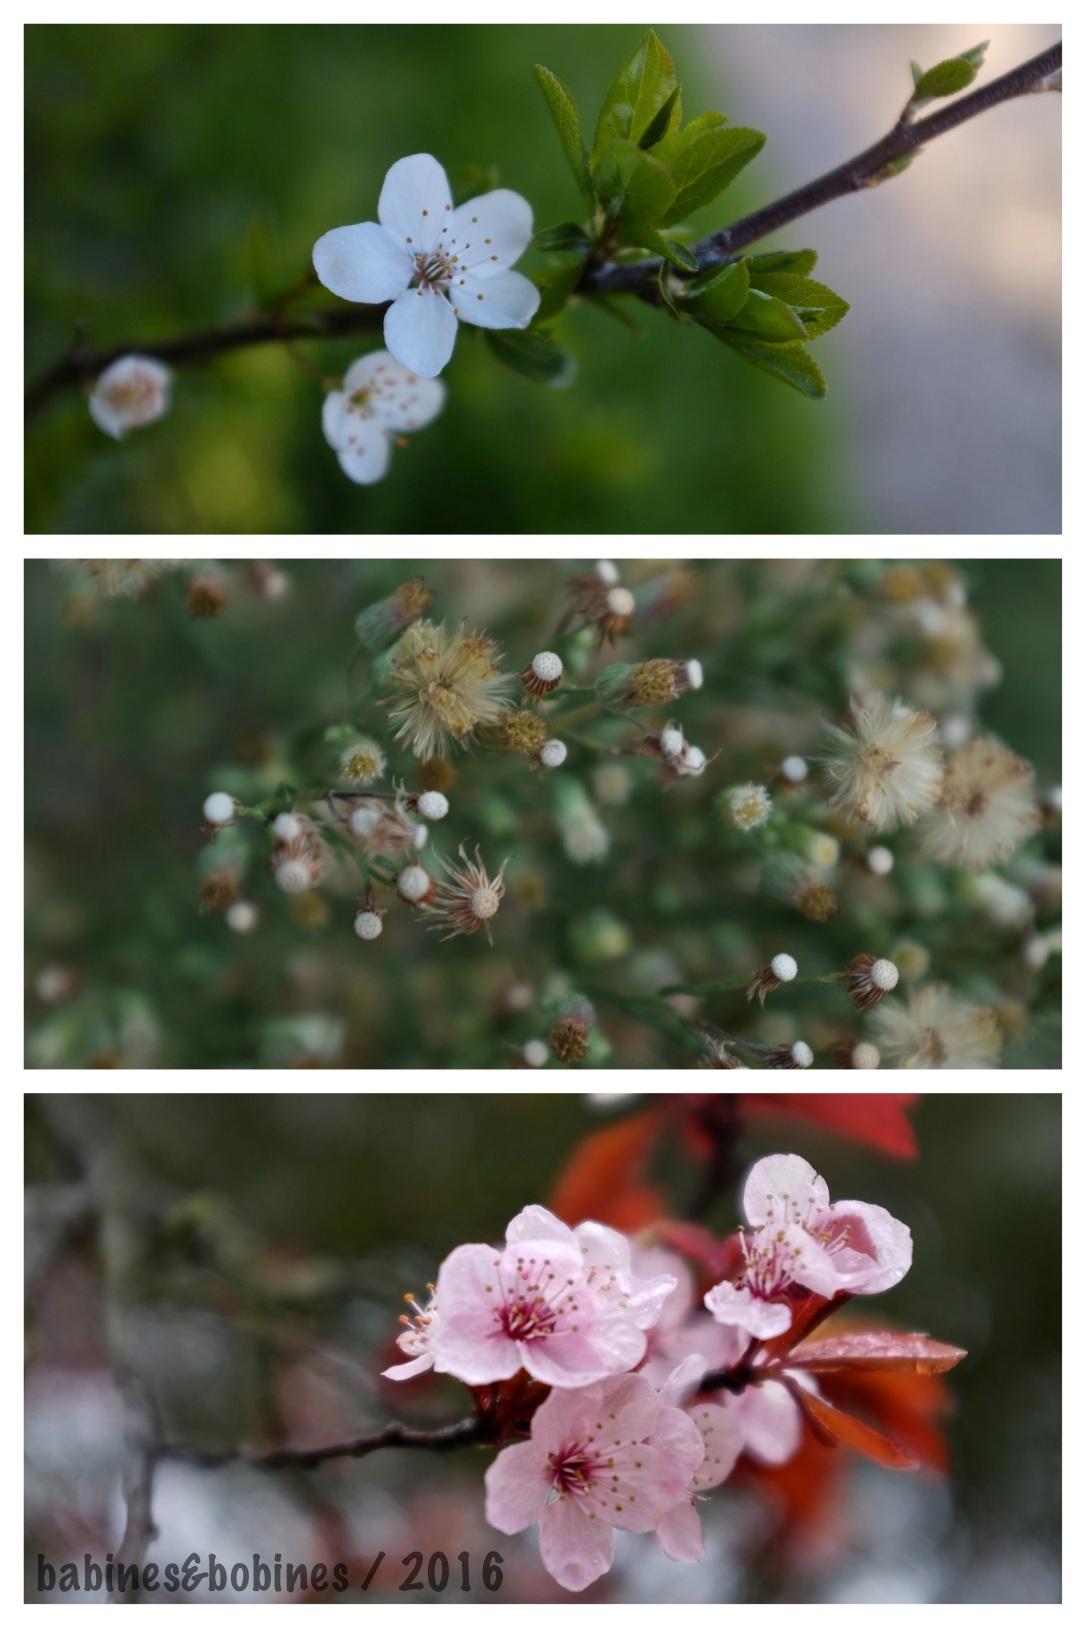 Fleurs 20166.jpg